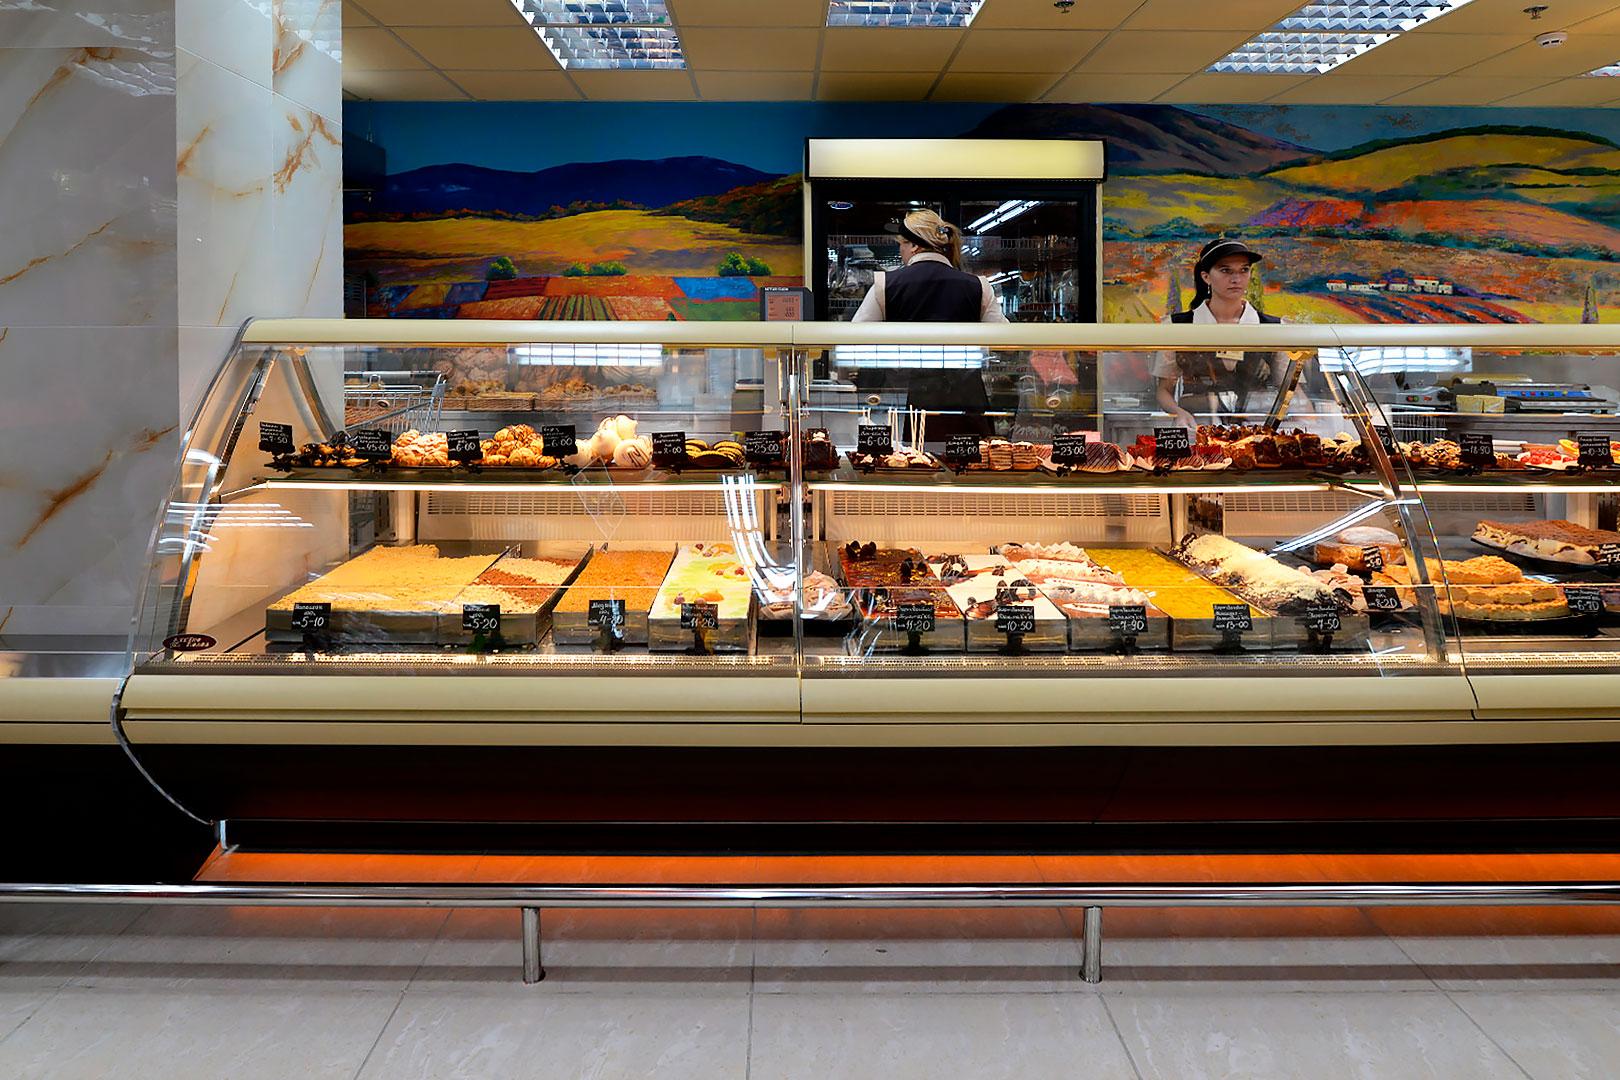 Sypermarket ROST, Kharkiv, Ukraine